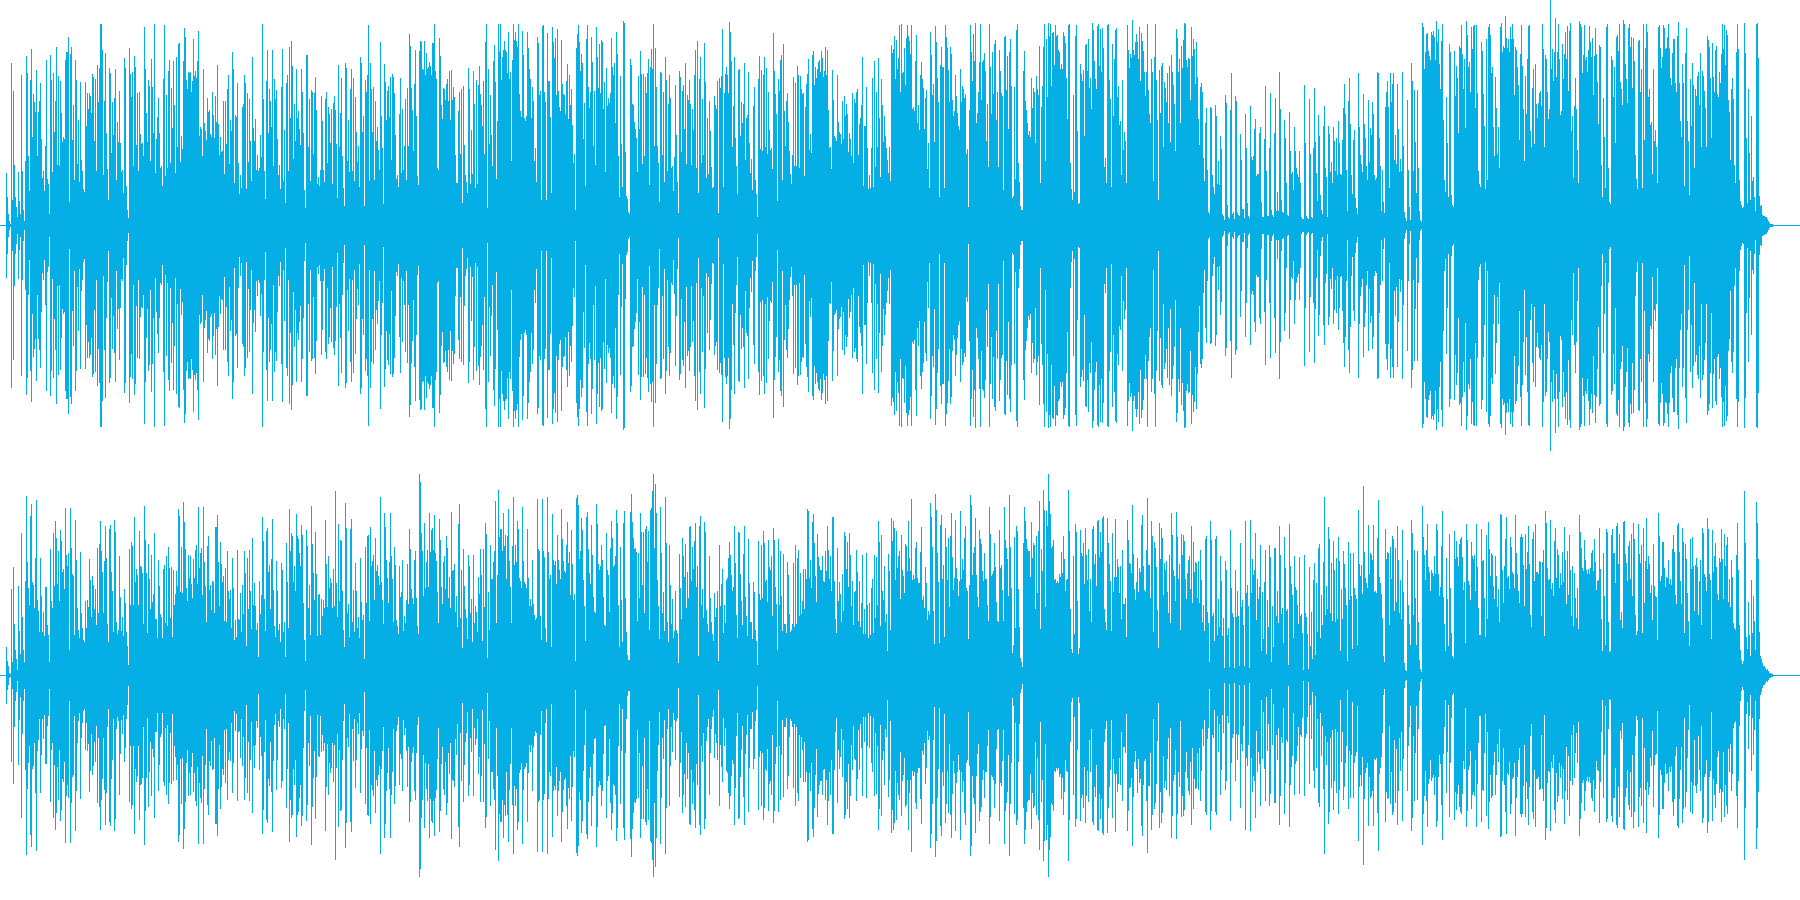 コミカルな木琴シンセ系サウンドの再生済みの波形